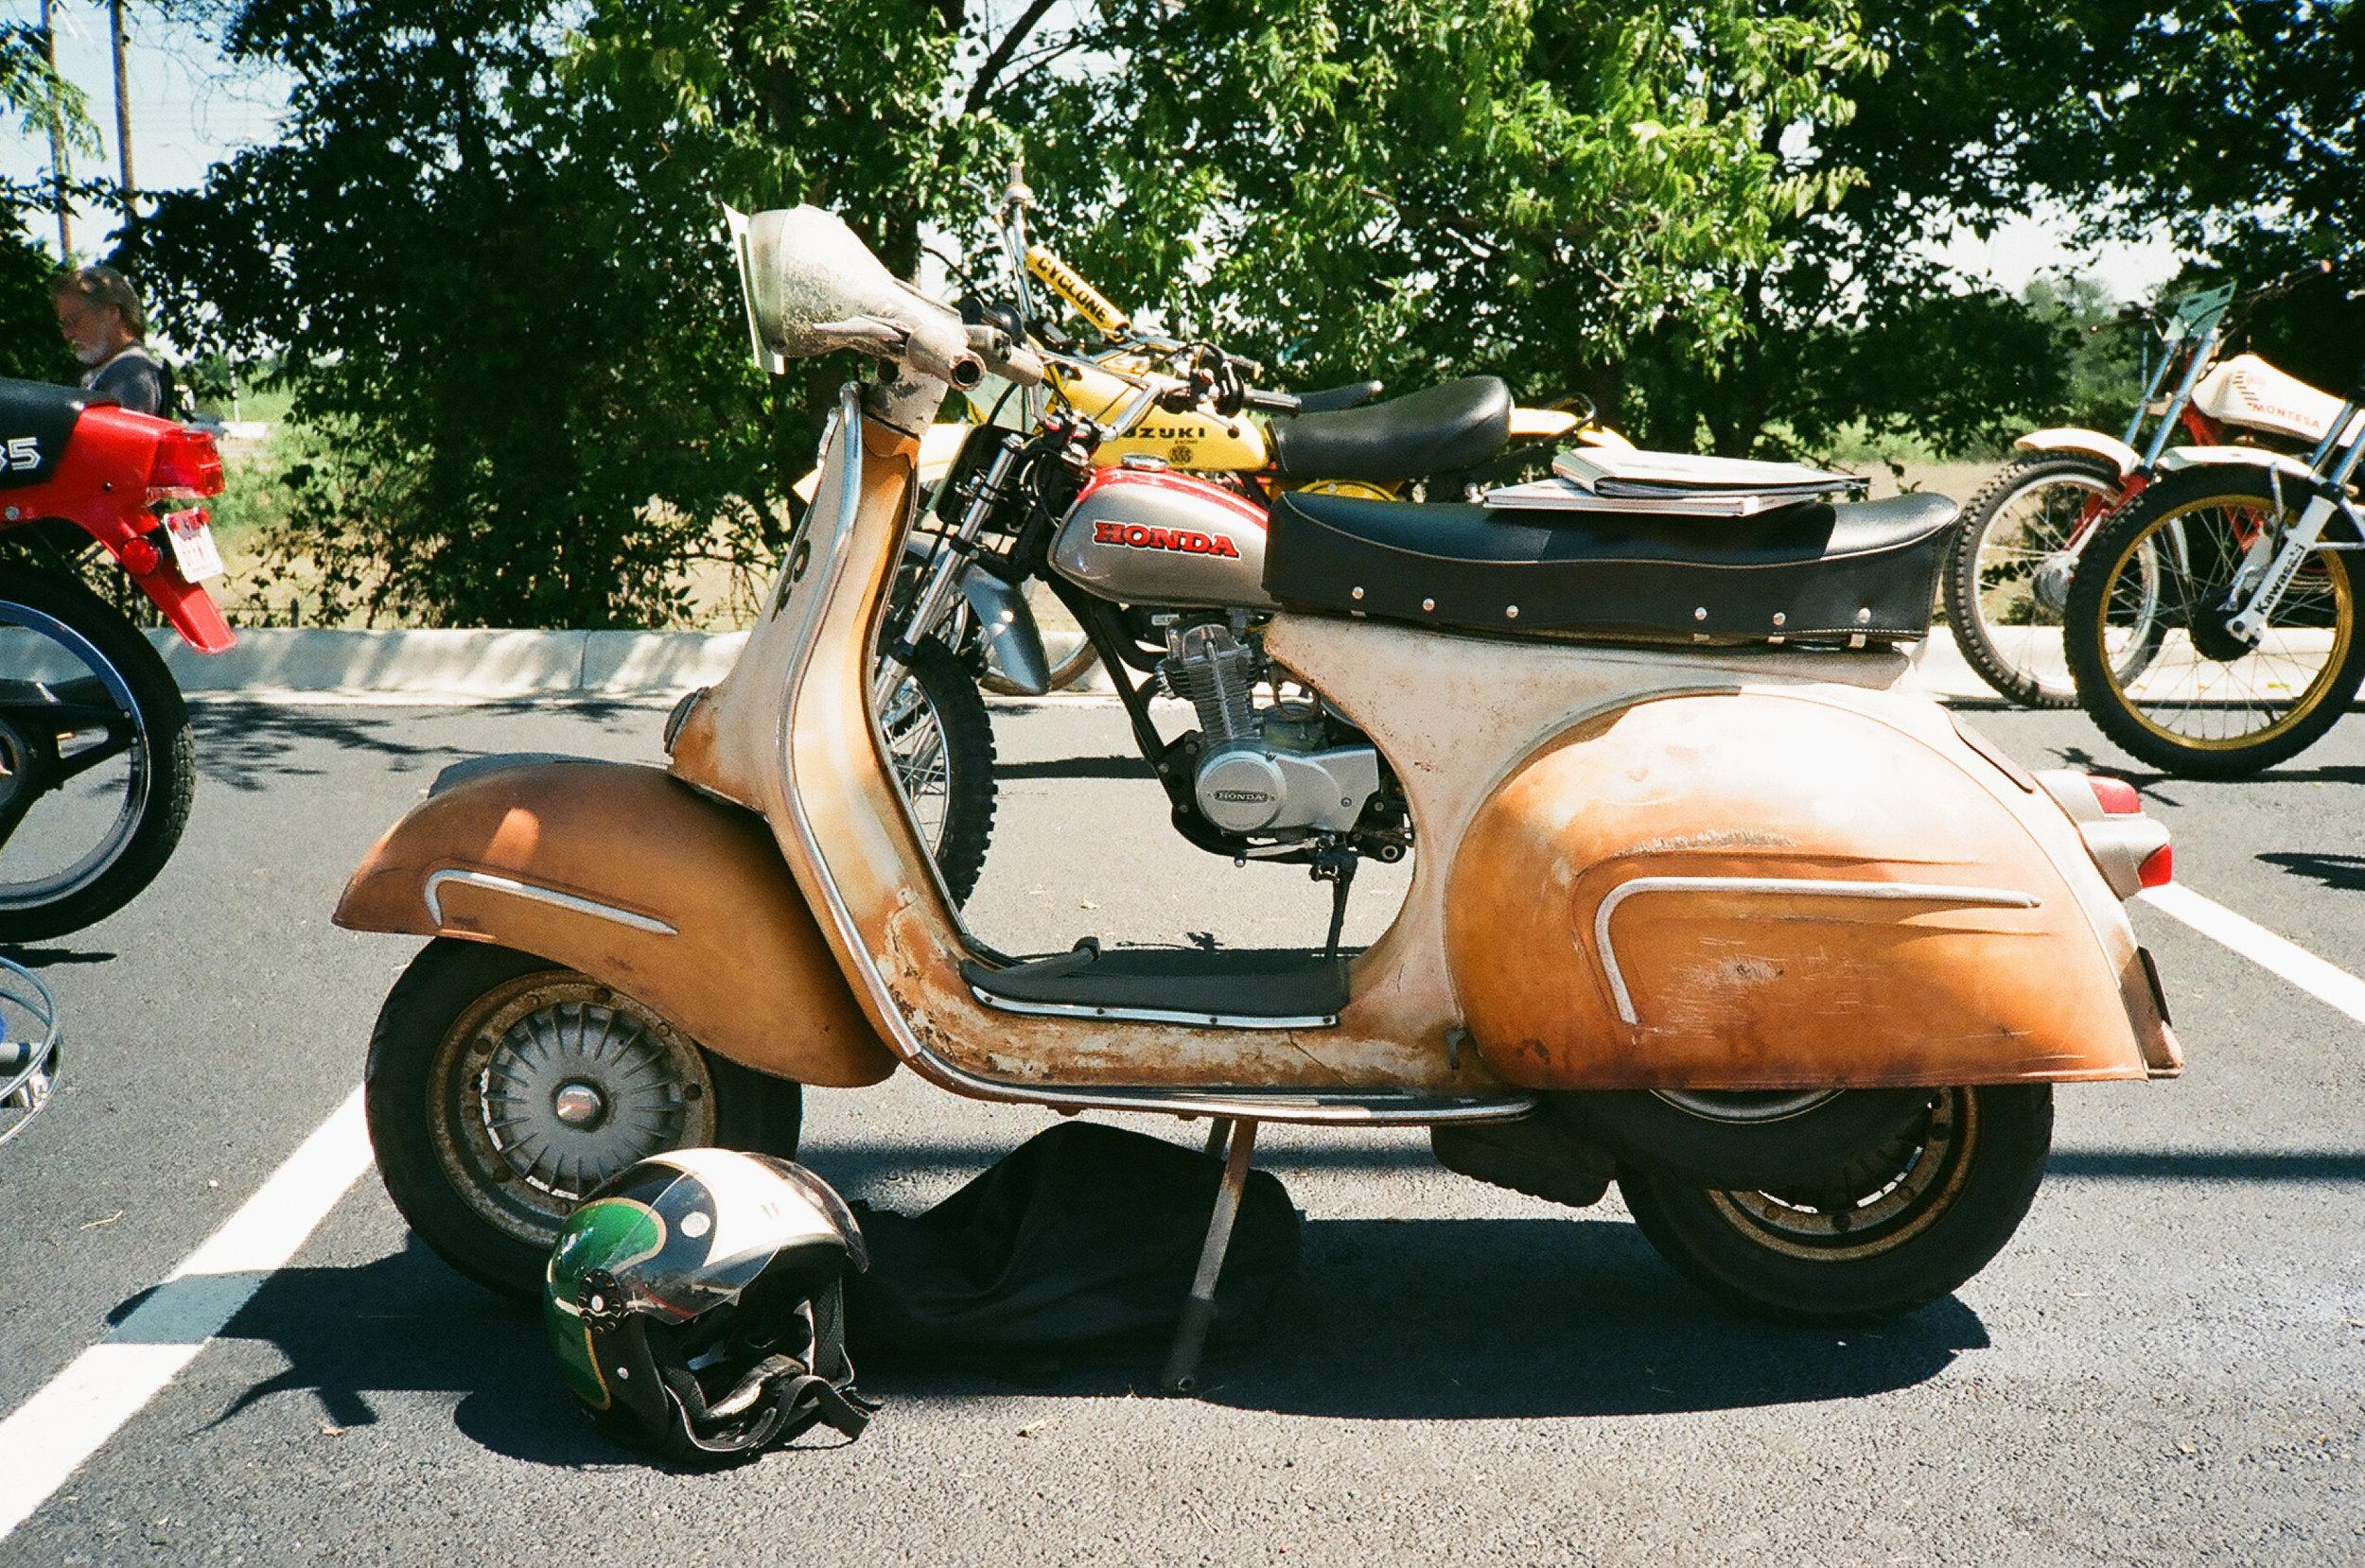 texas-motorcycle-revival-2017-58500014.jpg